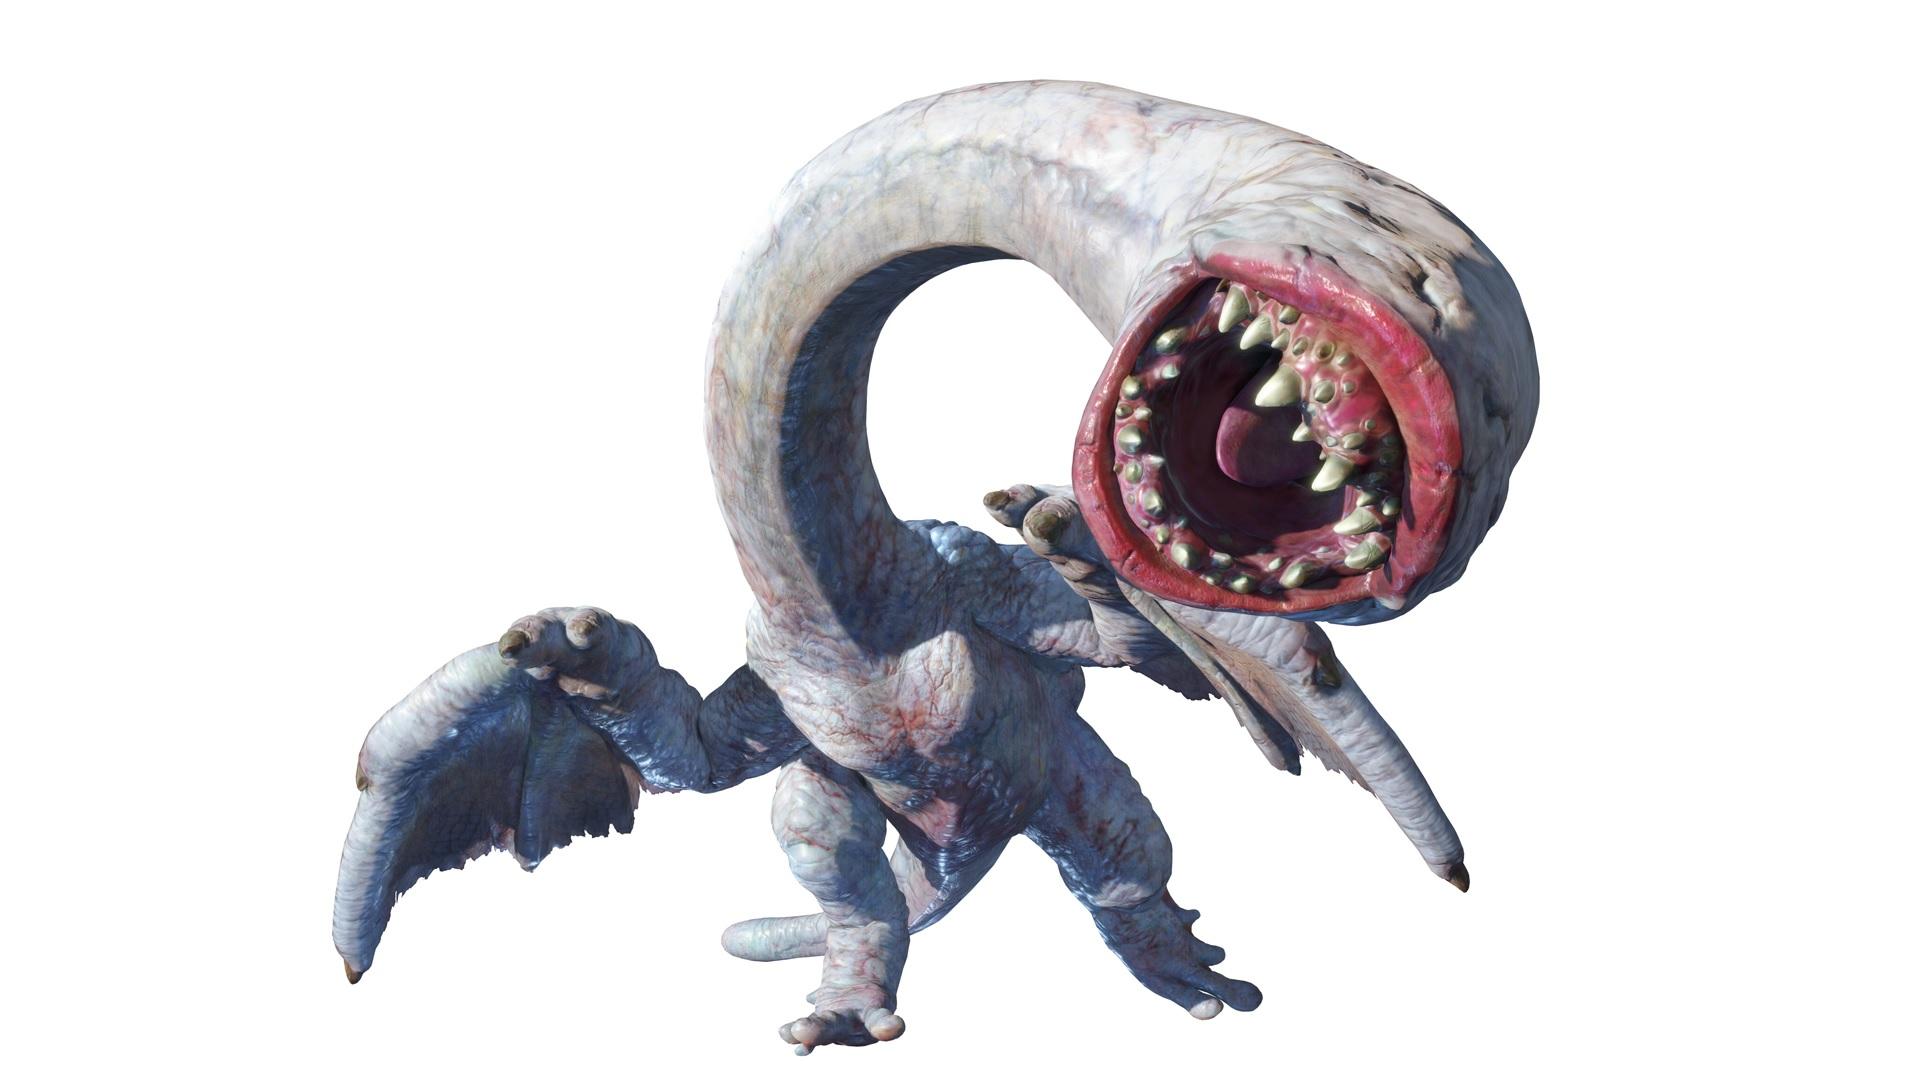 monster hunter khezu